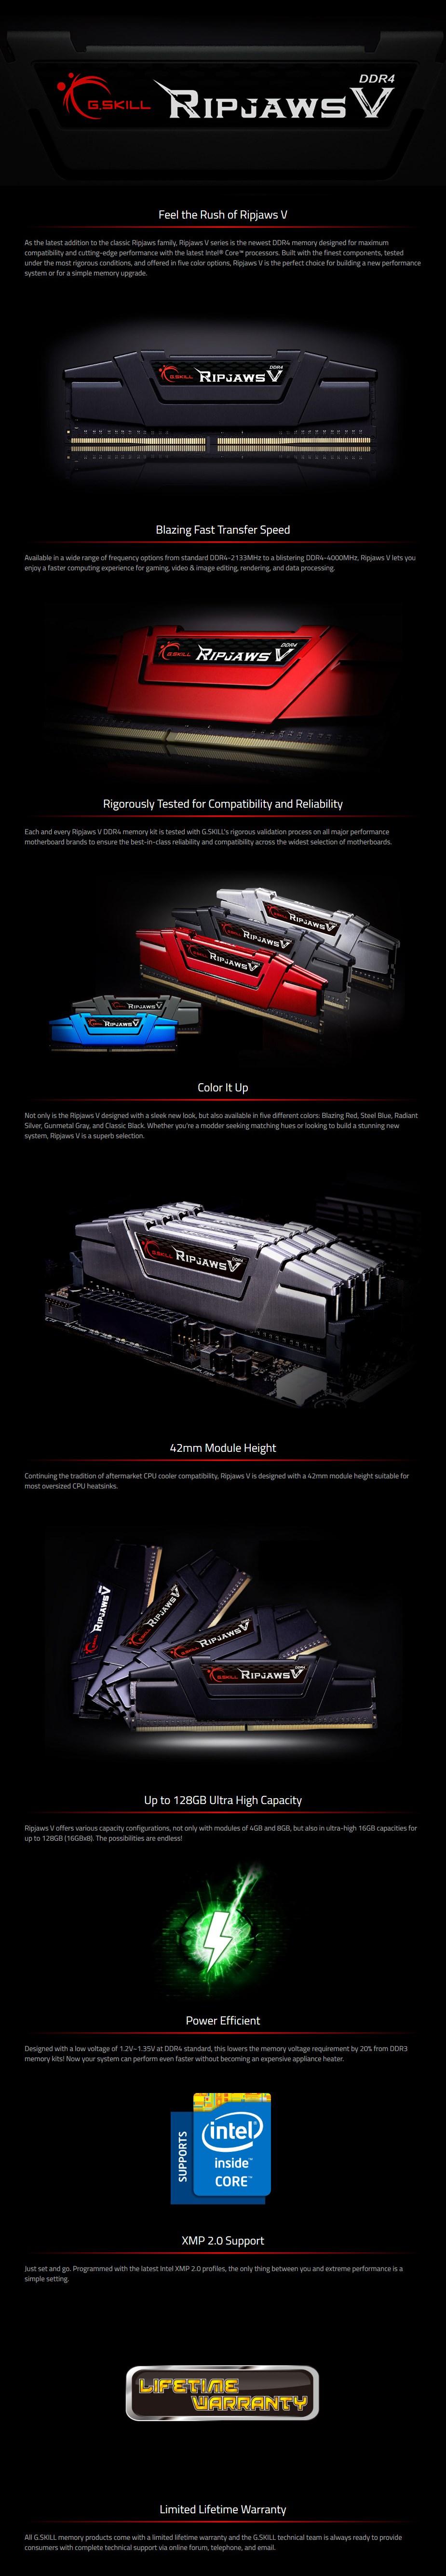 gskill-ripjaws-v-32gb-2x-16gb-ddr4-3600mhz-memory-ac28595-4-3-.jpg